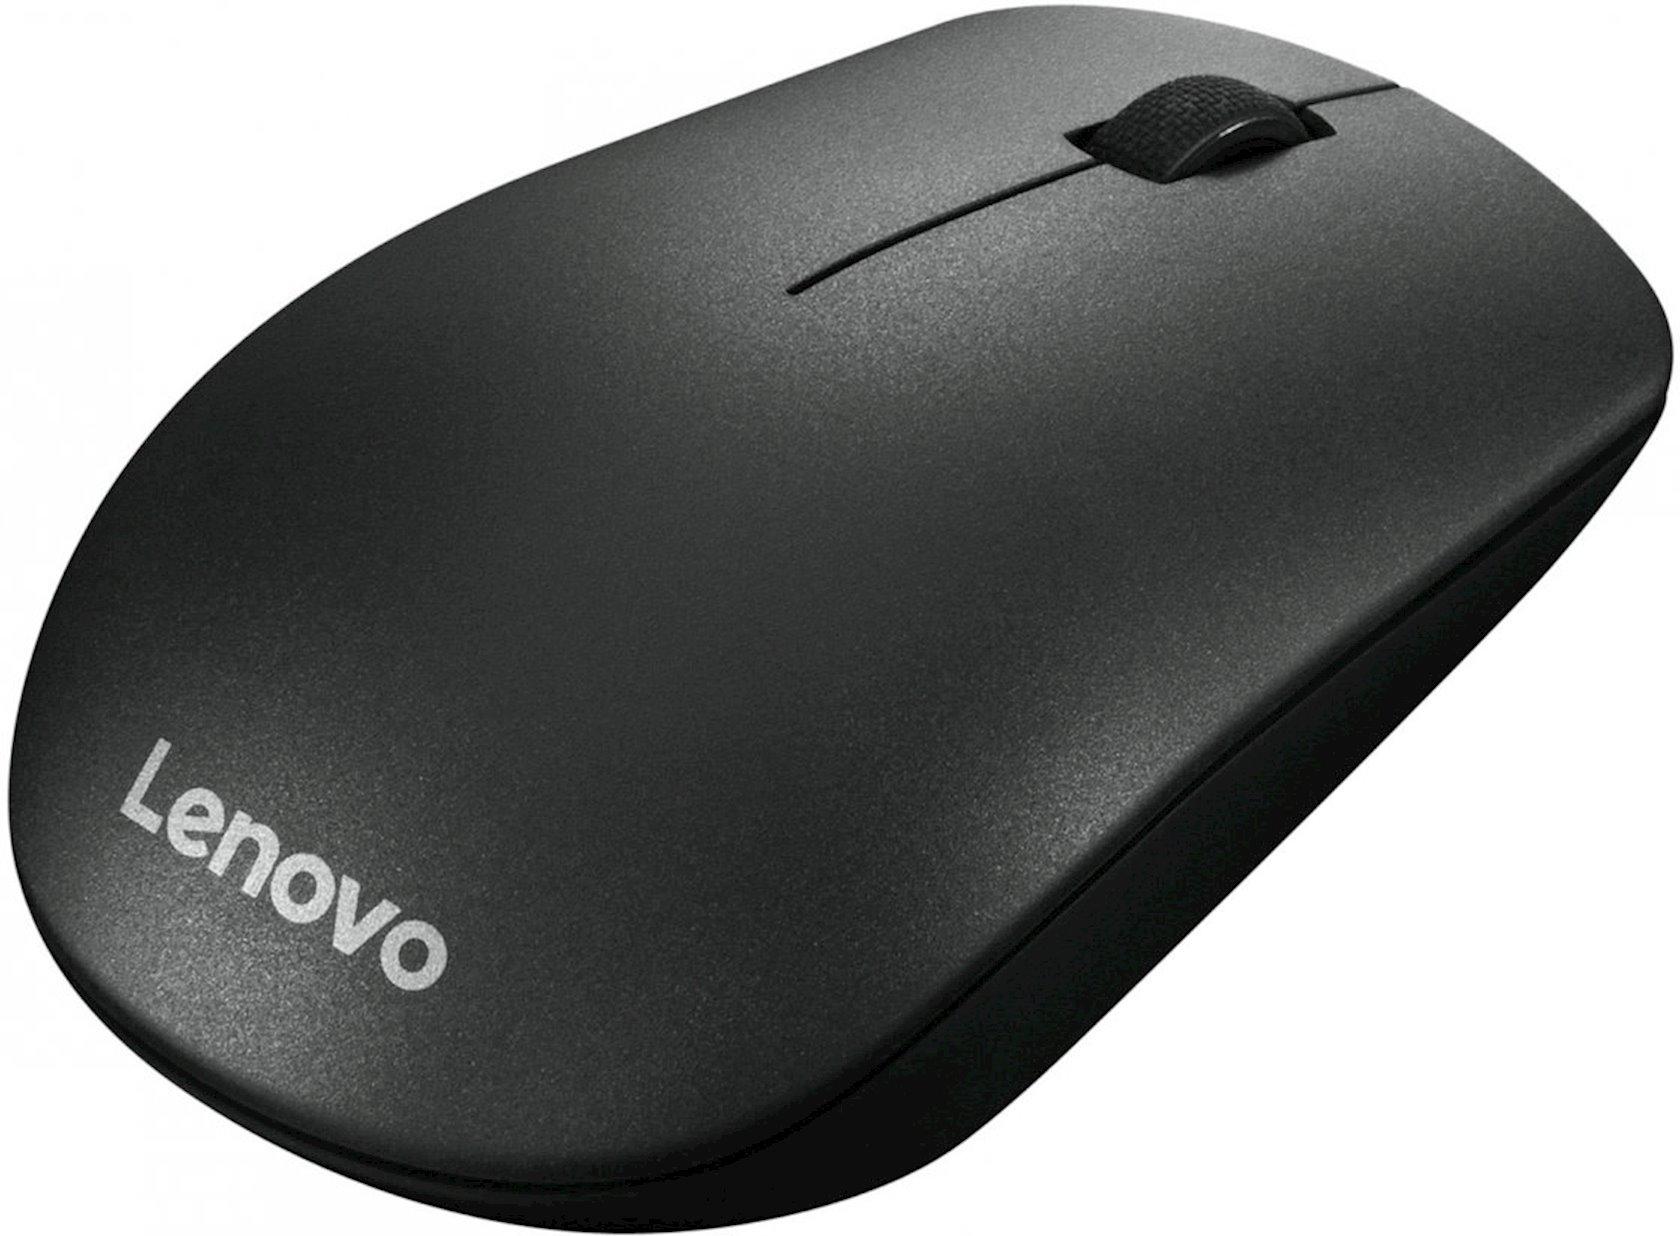 Sıçan Lenovo 400 Wireless